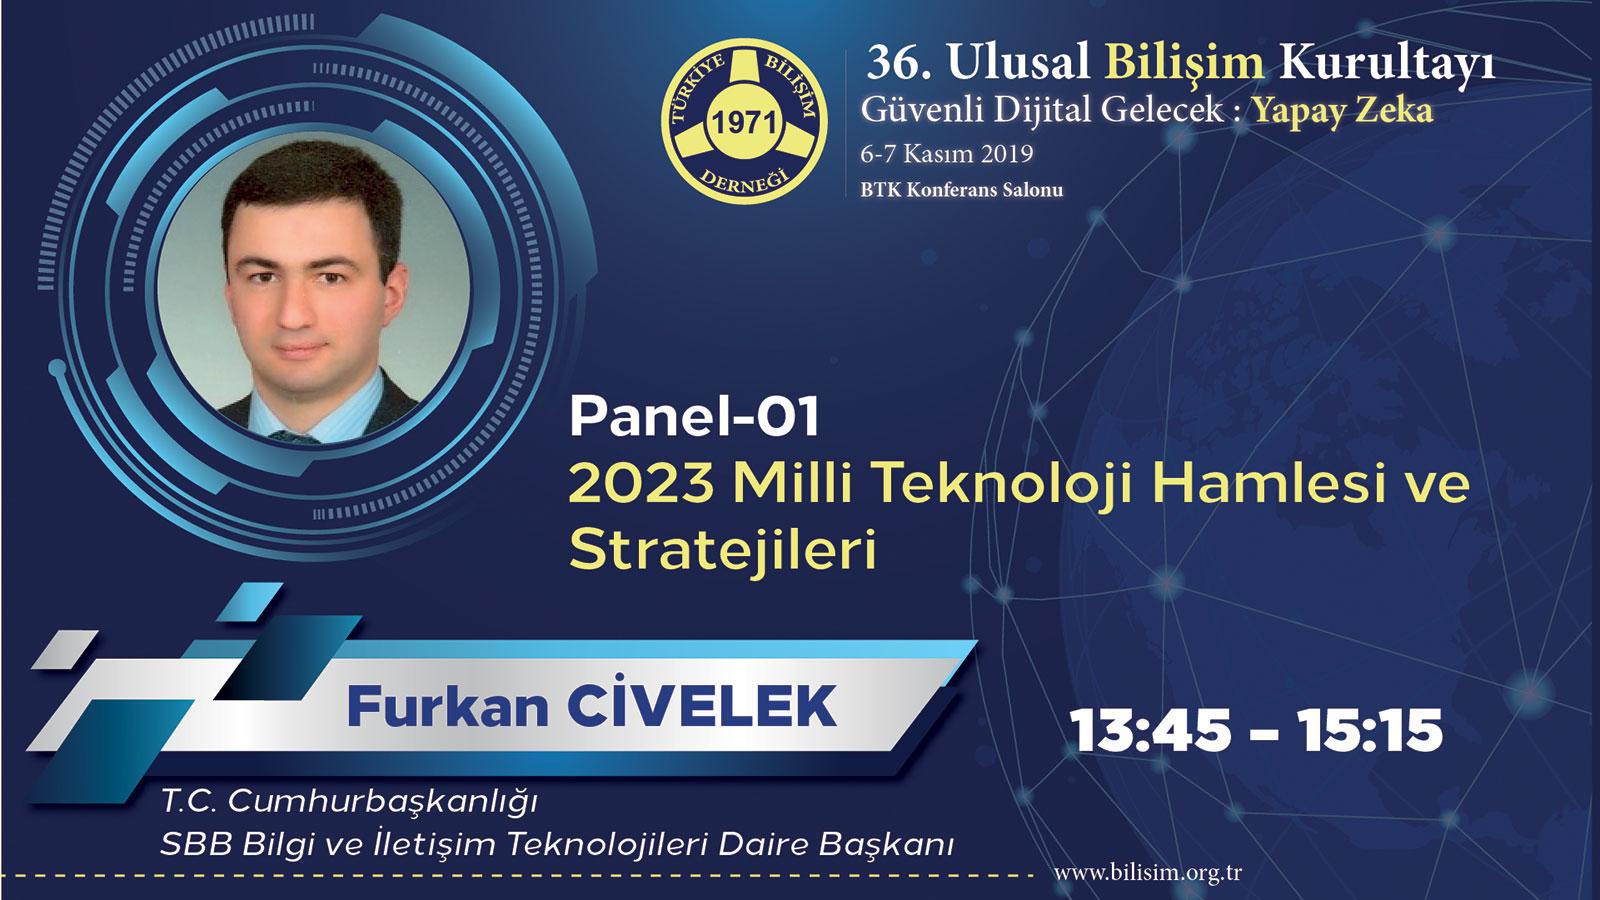 Furkan CİVELEK - 36. Ulusal Bilişim Kurultayı